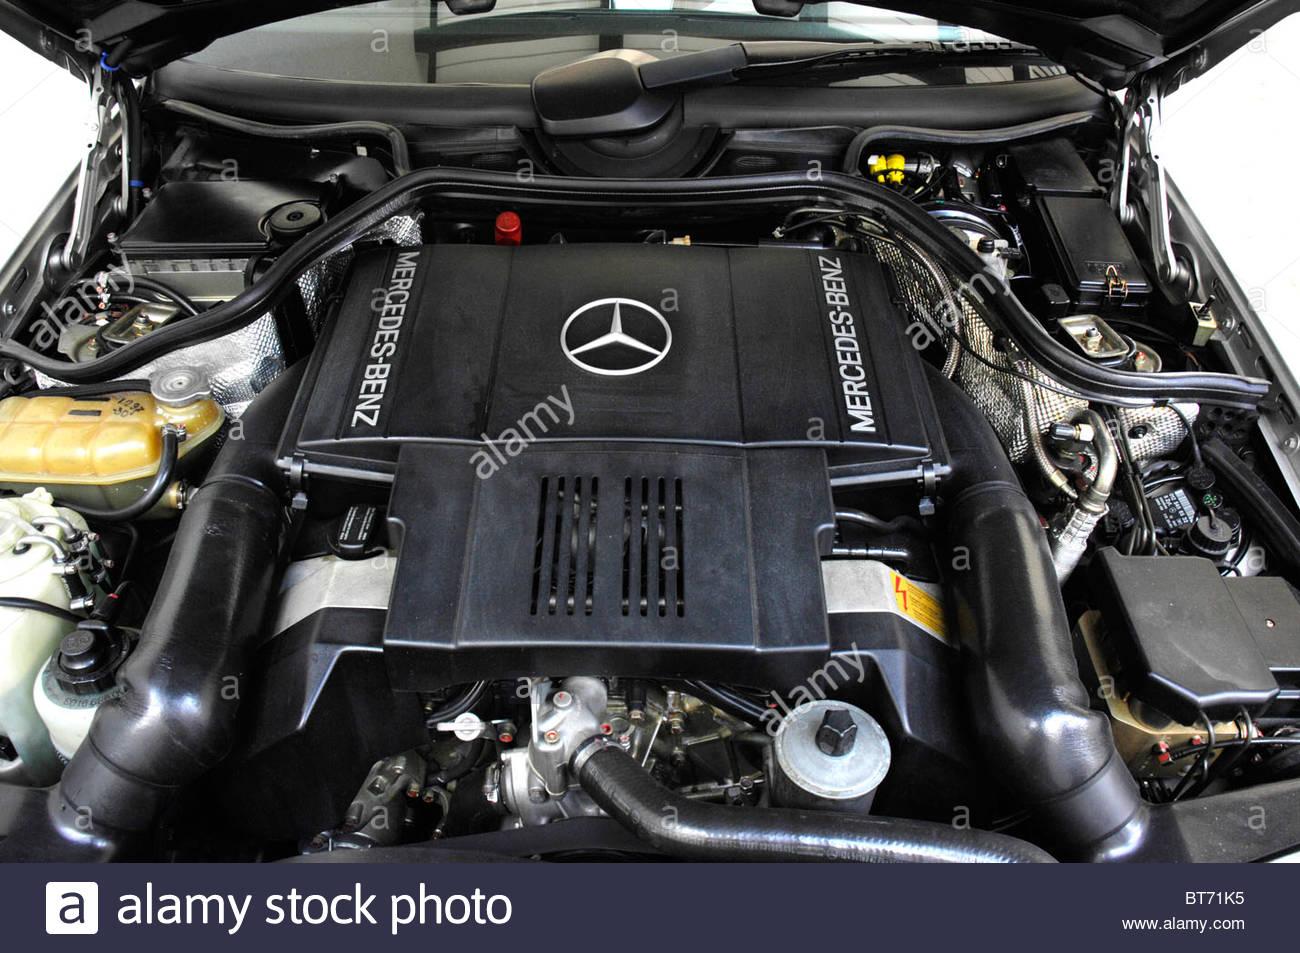 Mercedes Benz 500E 1990 - Stock Image